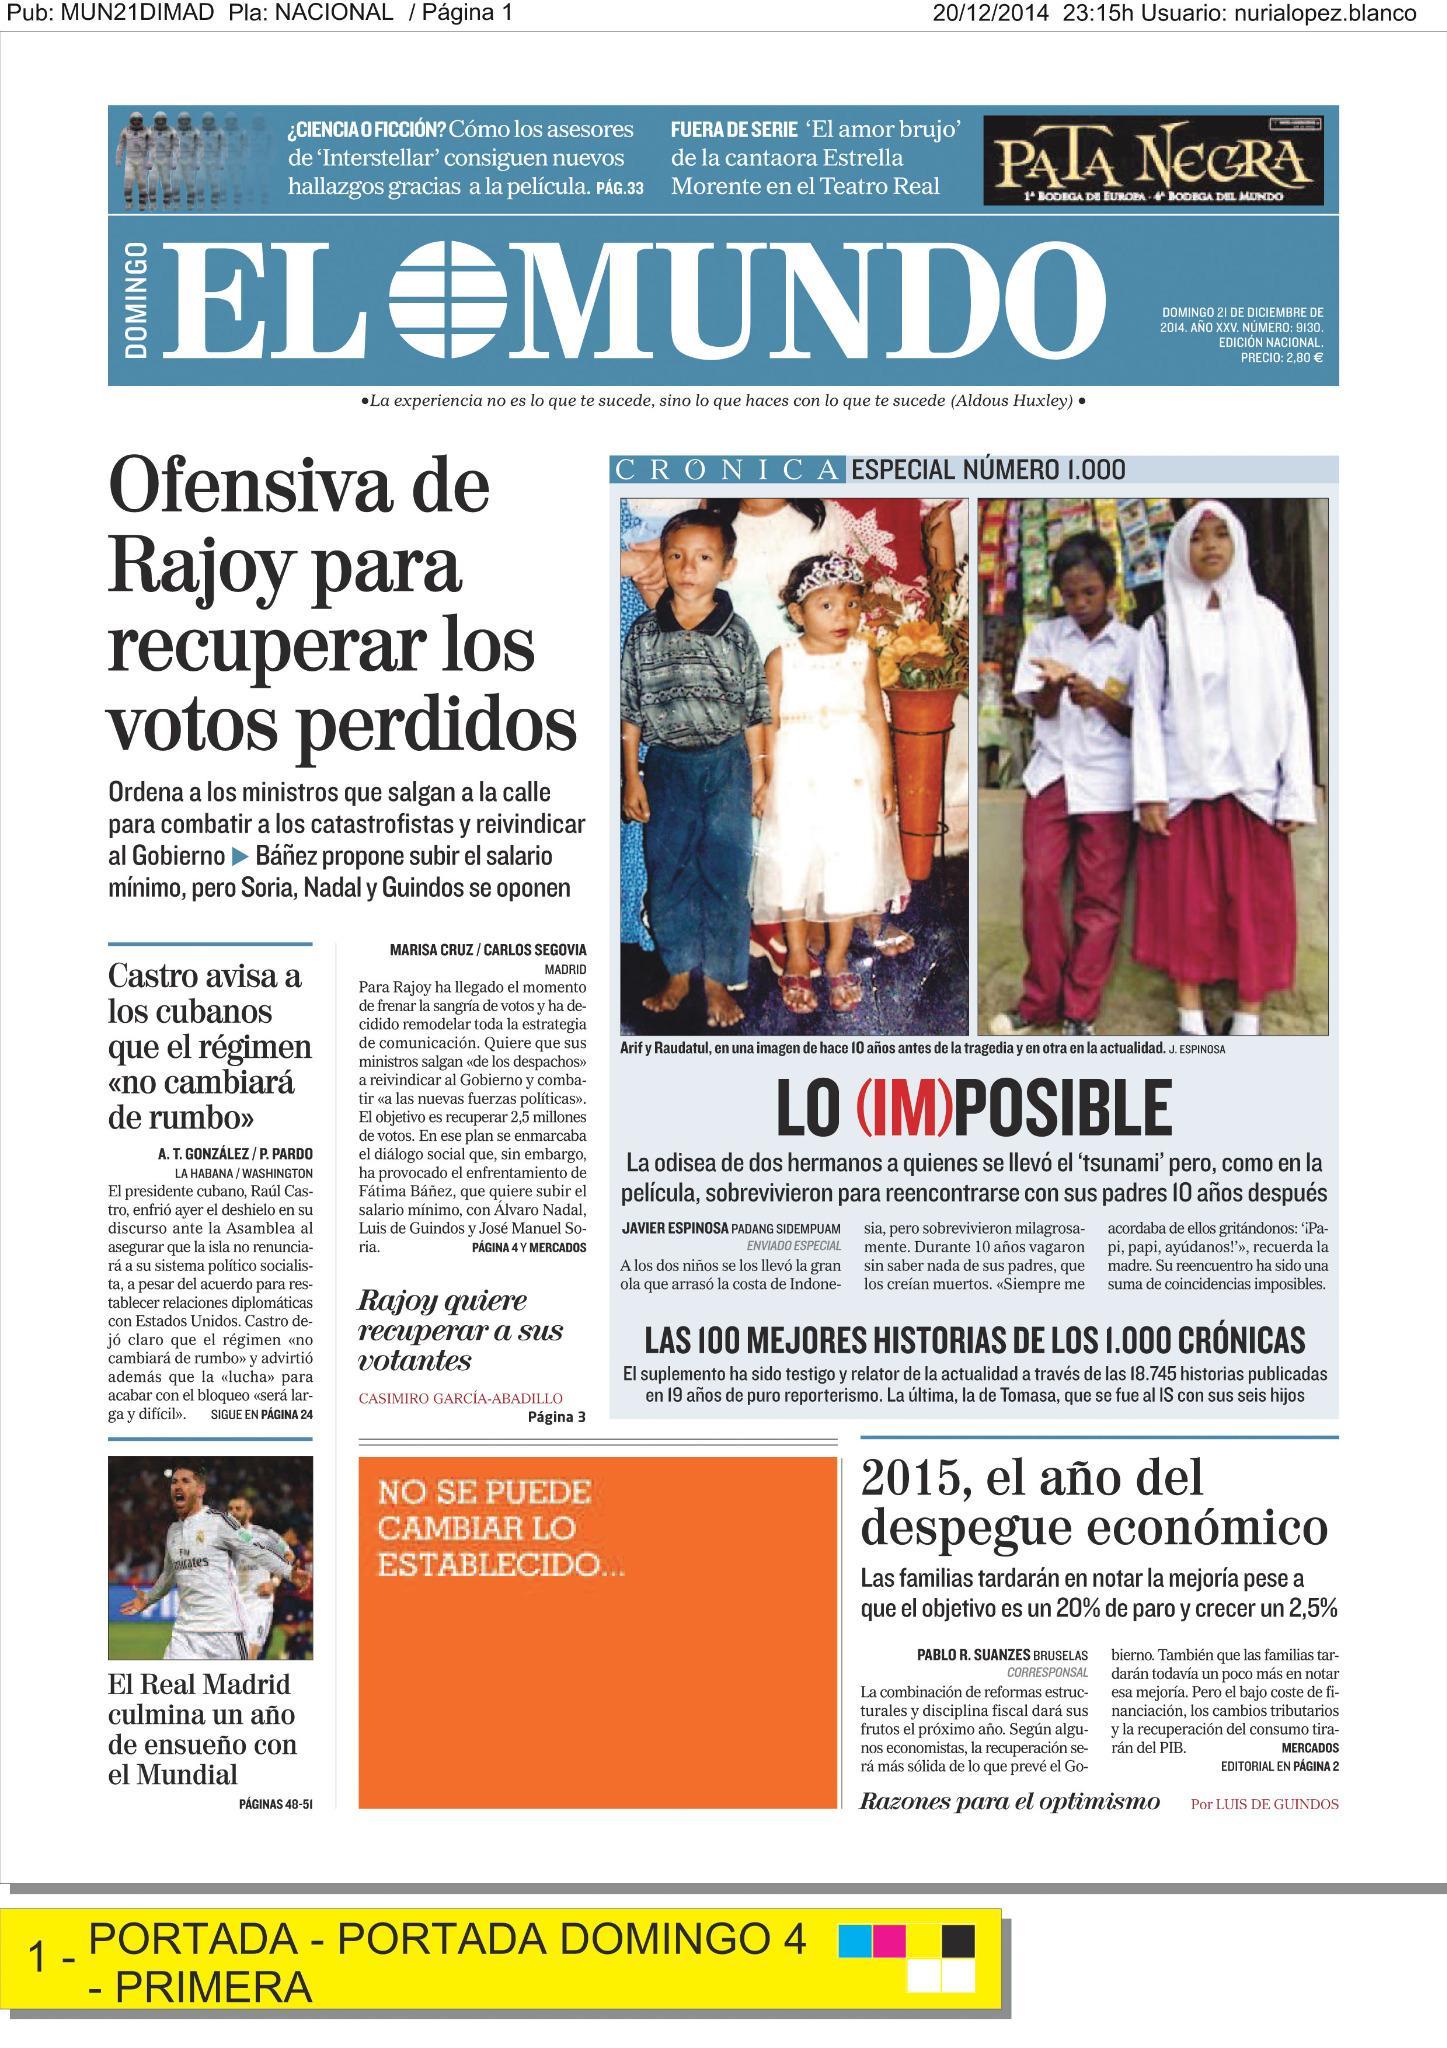 La portada de EL MUNDO de mañana en @elmundo_orbyt http://t.co/MDnCxKfdnx Y enhorabuena a @Cronica_ElMundo por su #Crónica1000